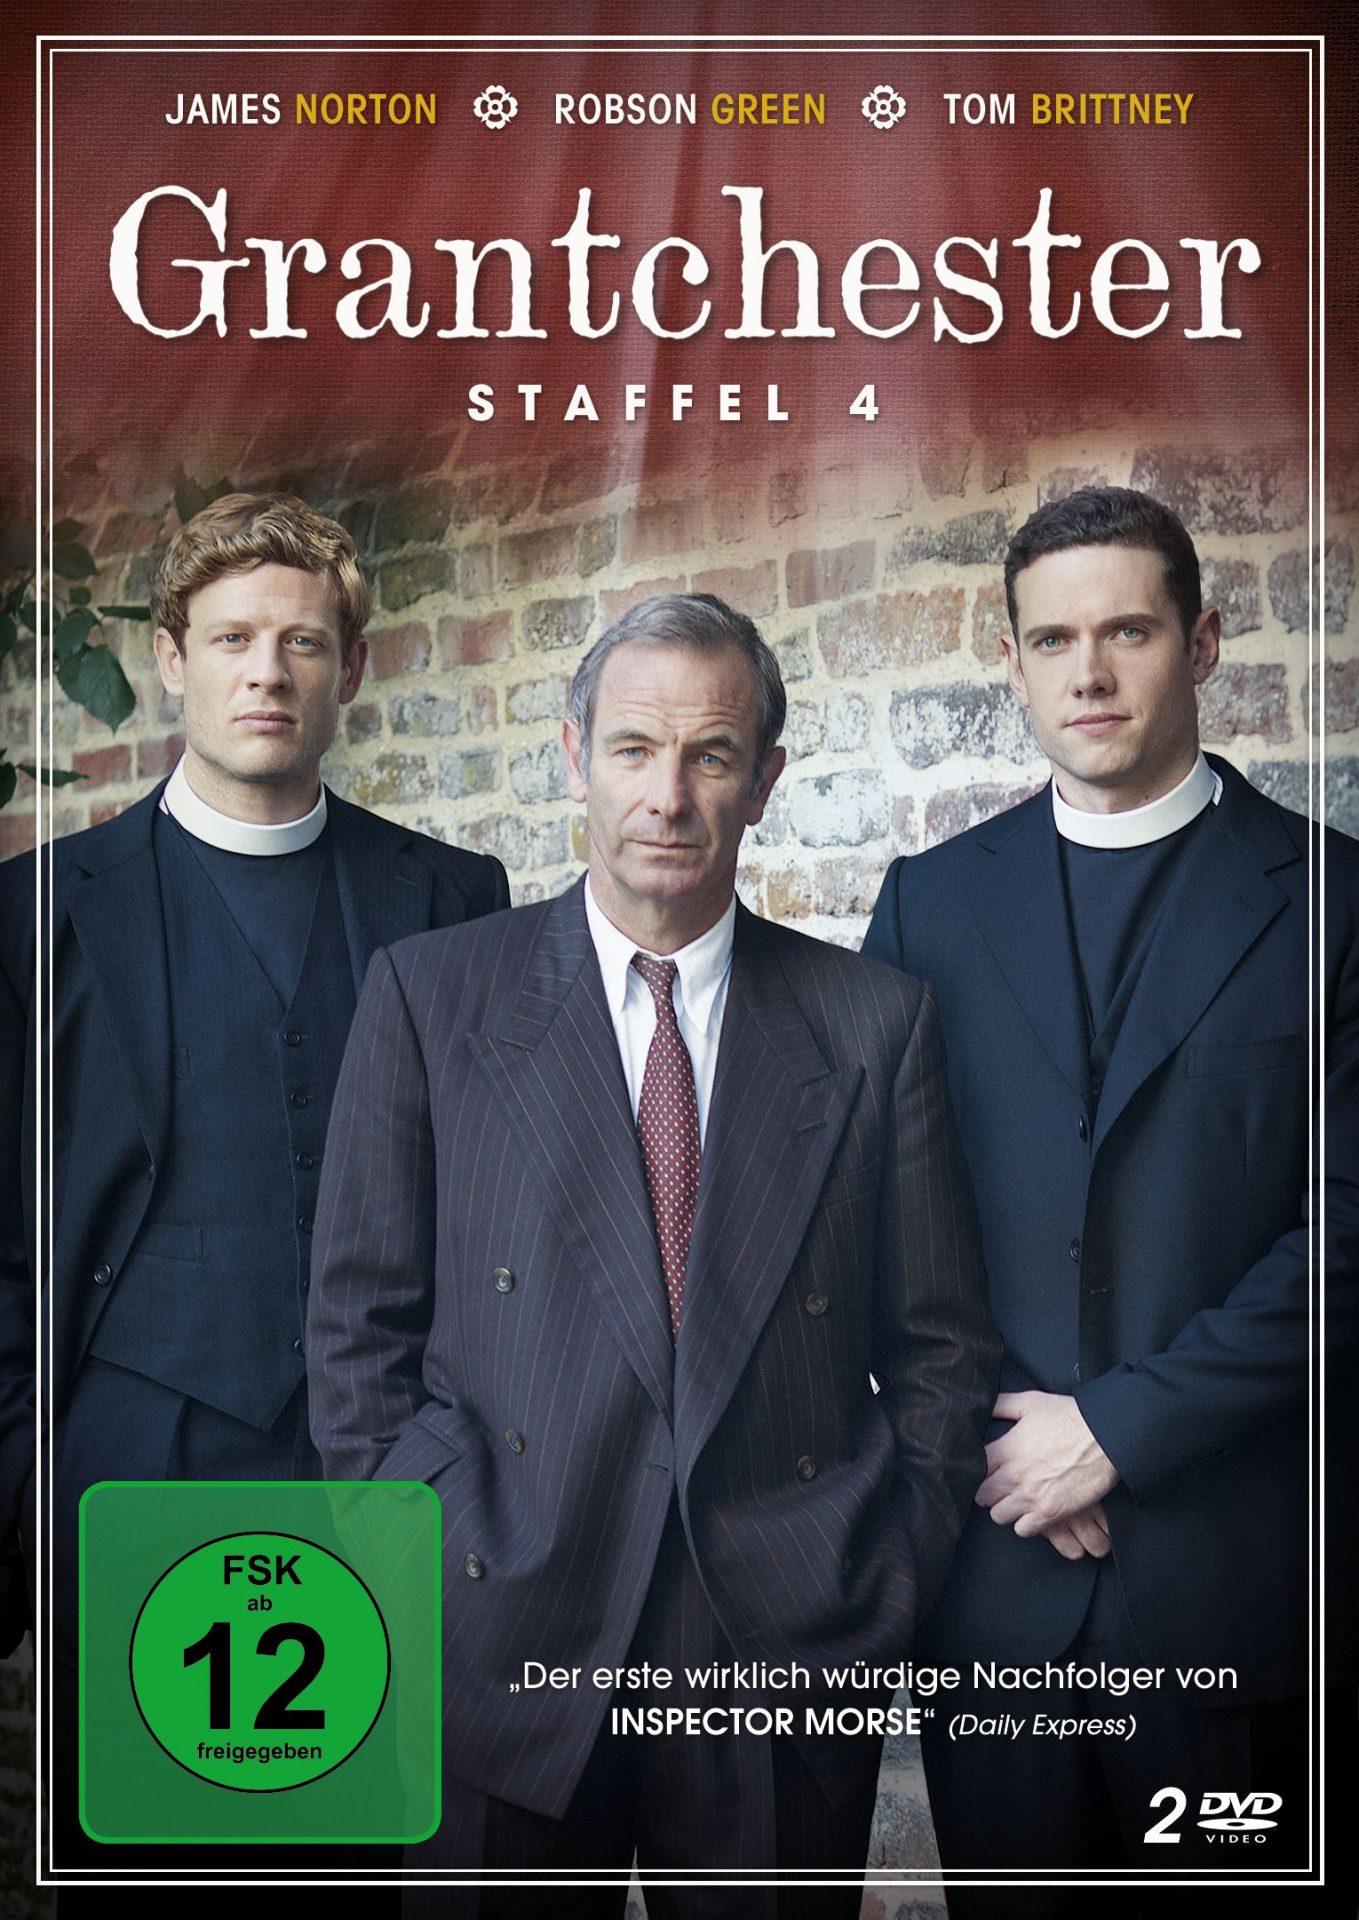 Staffel 4 der beliebten Retro-Krimiserie Grantchester